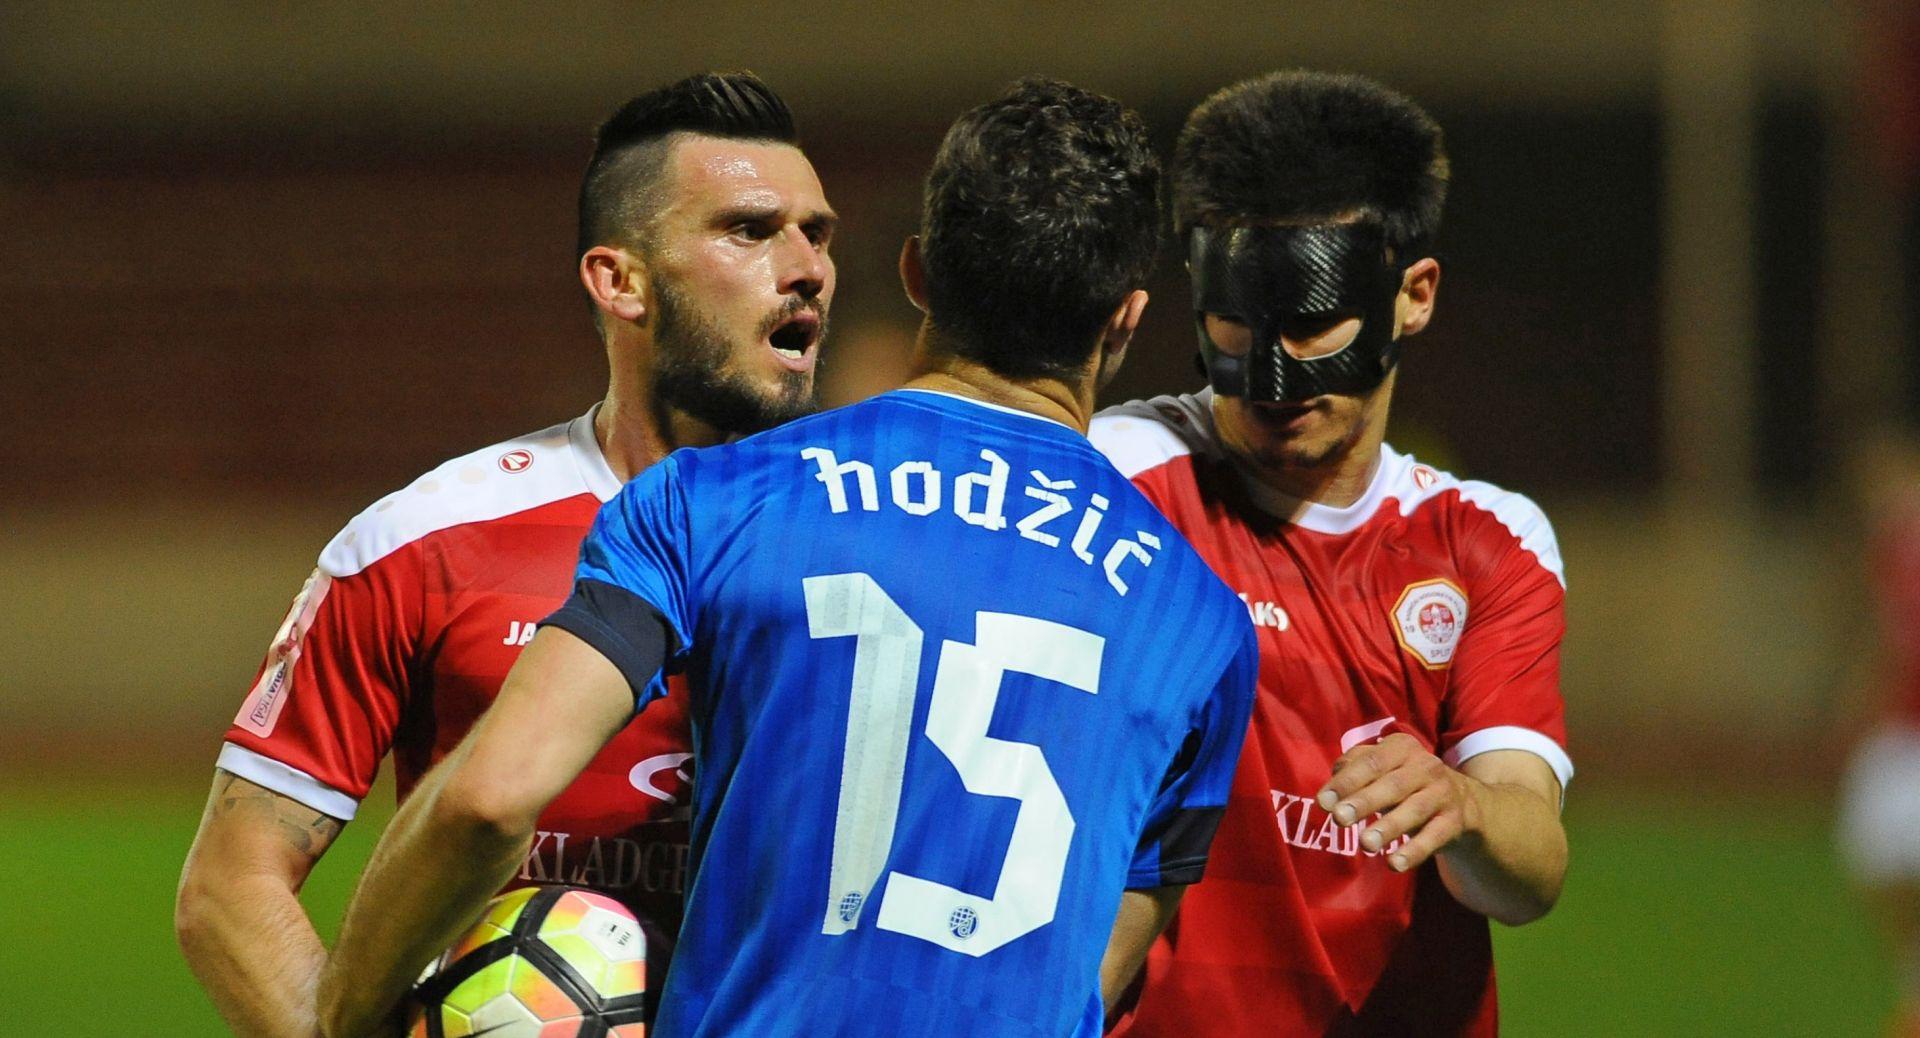 HNL Dinamo minimalno protiv Splita, 'Modri' došli na dva boda od Rijeke